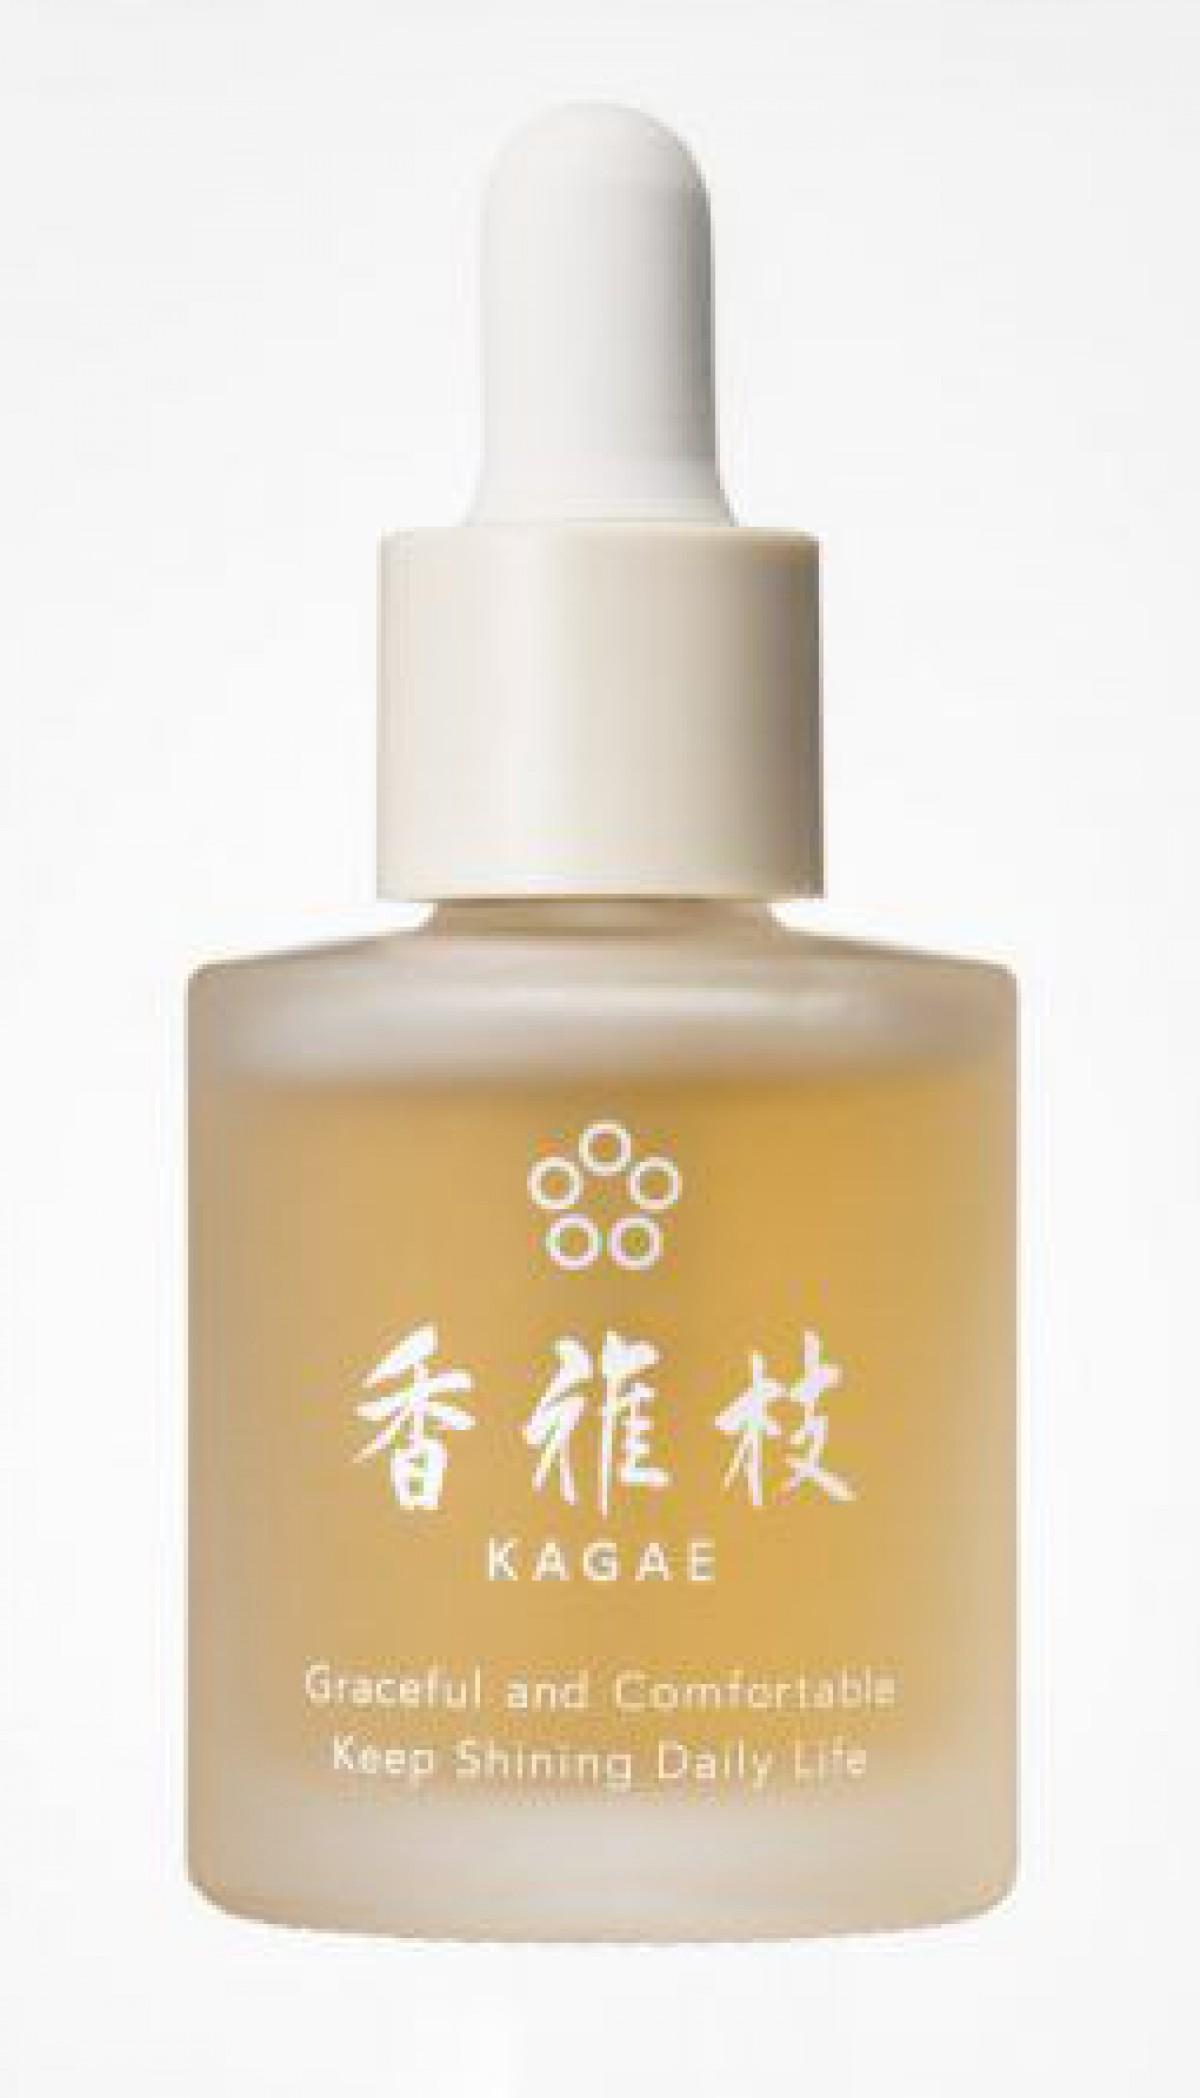 薬日本堂、和漢エキス配合の新しい美白保湿スキンケアを発表